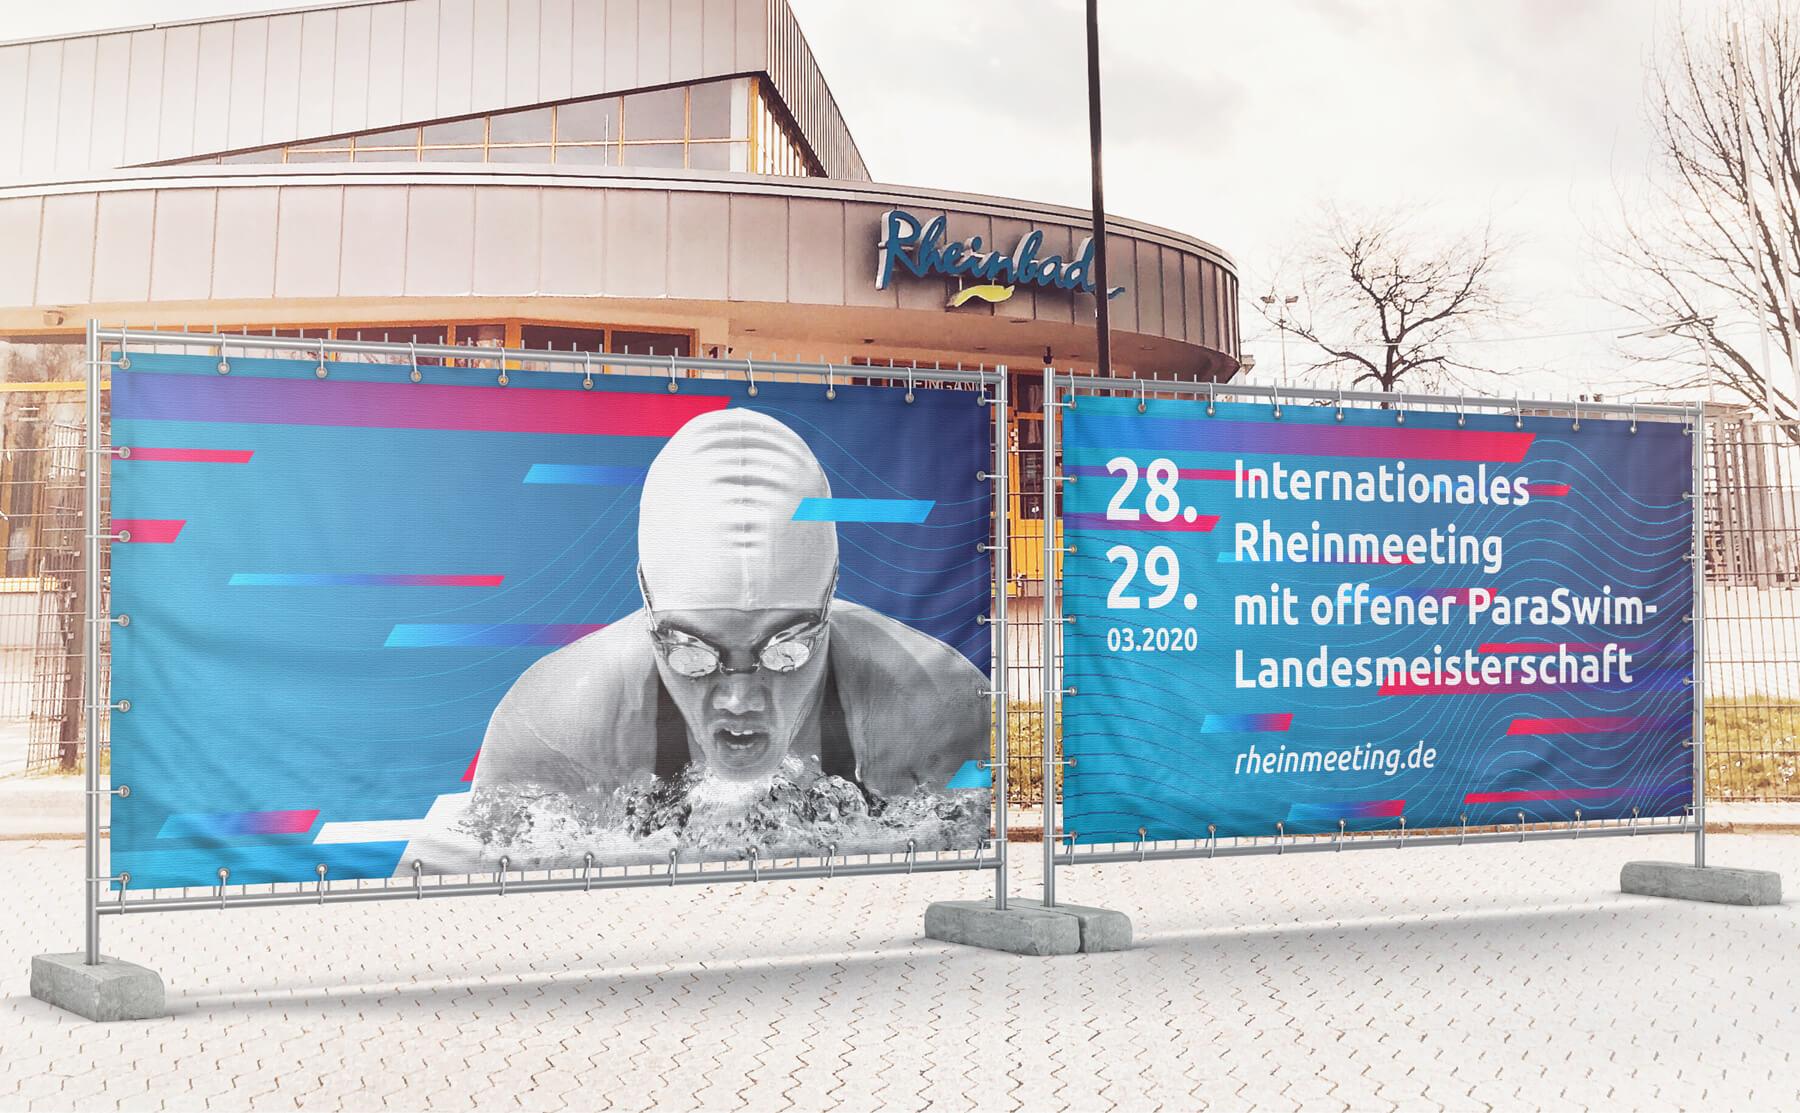 IRM DUS Logo Internationales Rheinmeeting Düsseldorf Eventmarketing Sport Aussenwerbung Absperrung